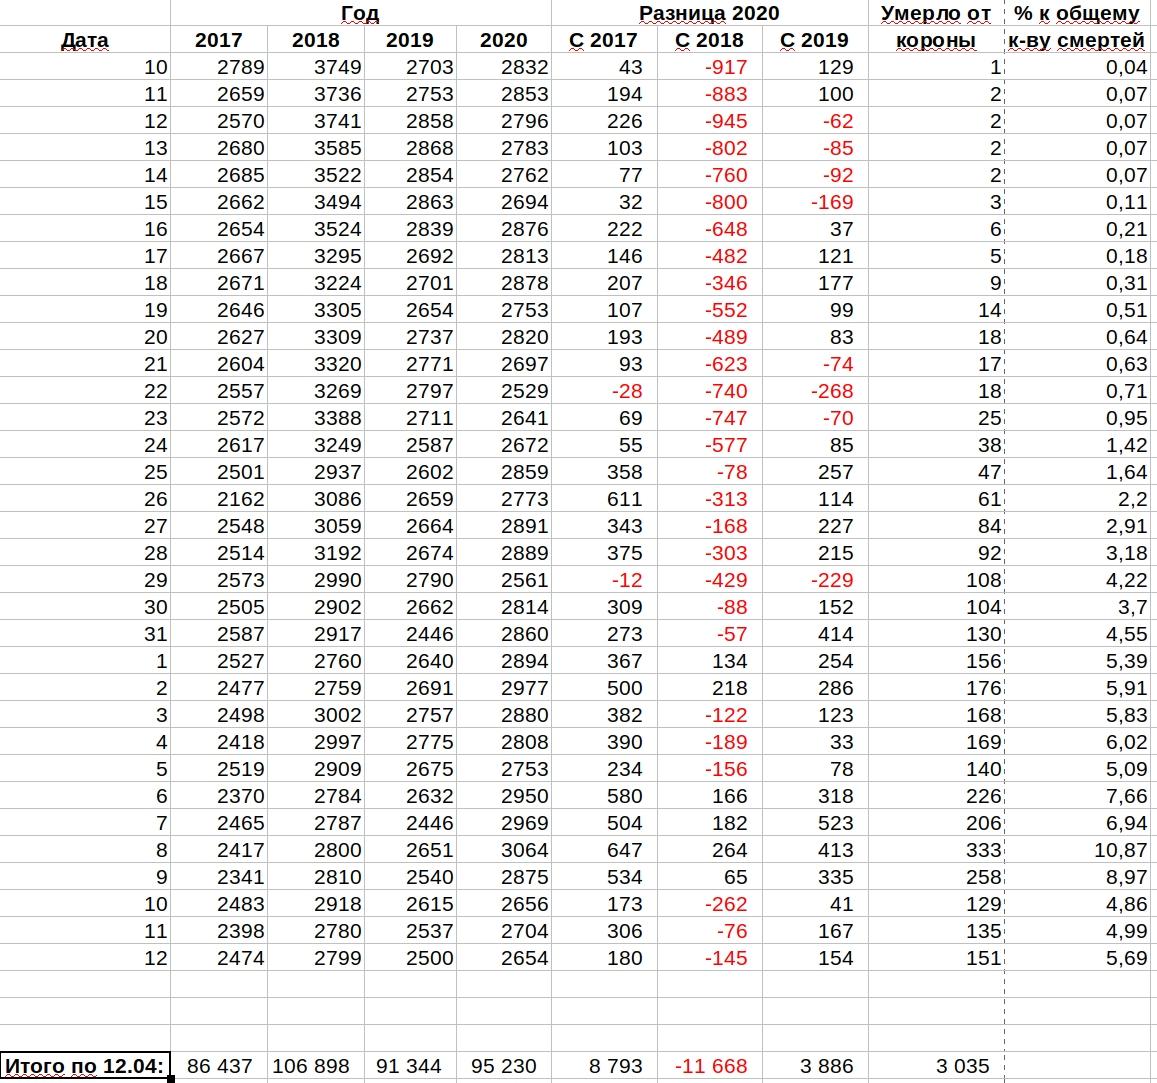 Еще немного статистики по смертности от коронавируса в Германии. (Ысрг)